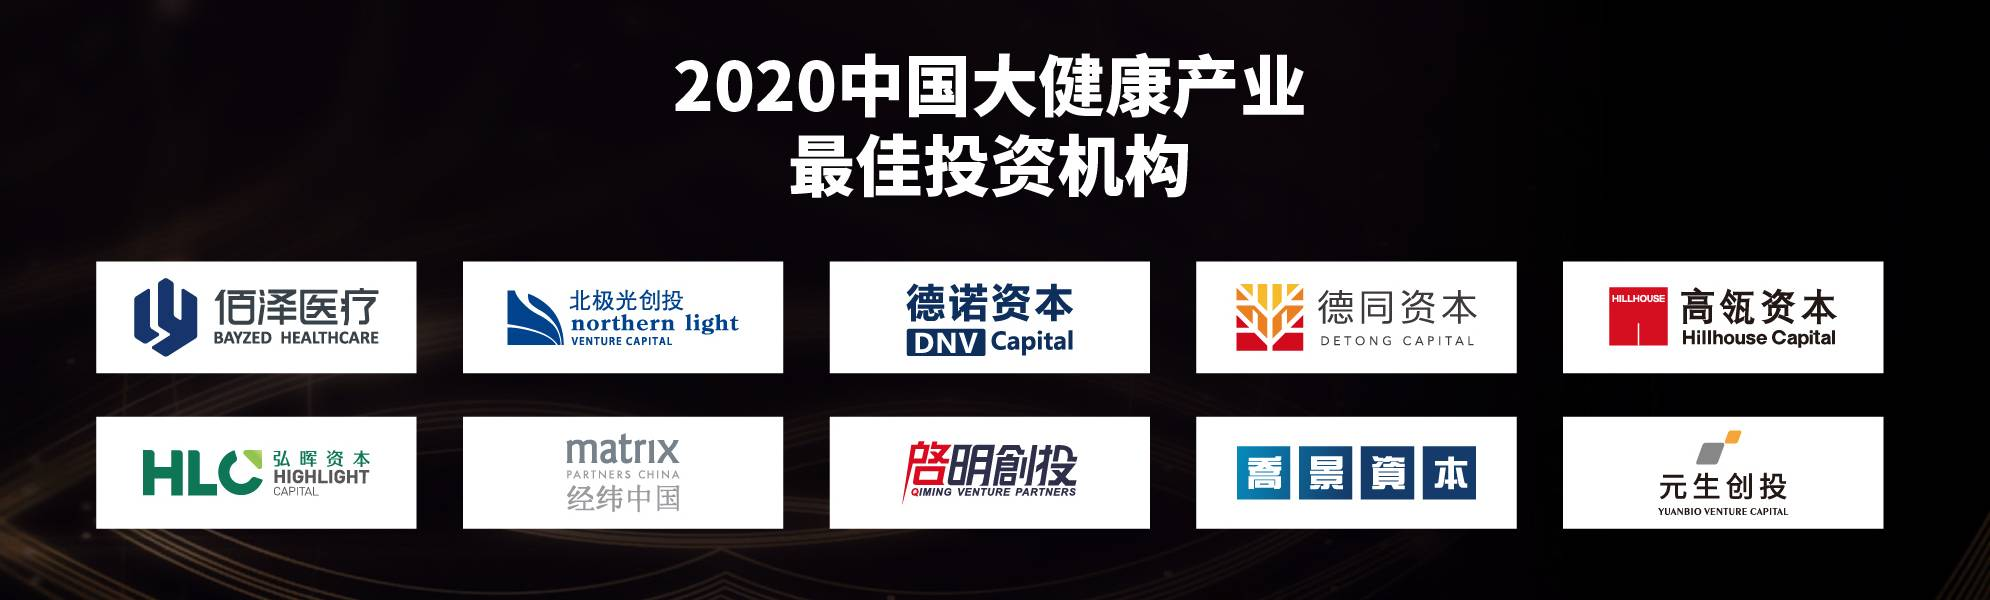 2020中国大健康产业最佳投资机构奖.jpg